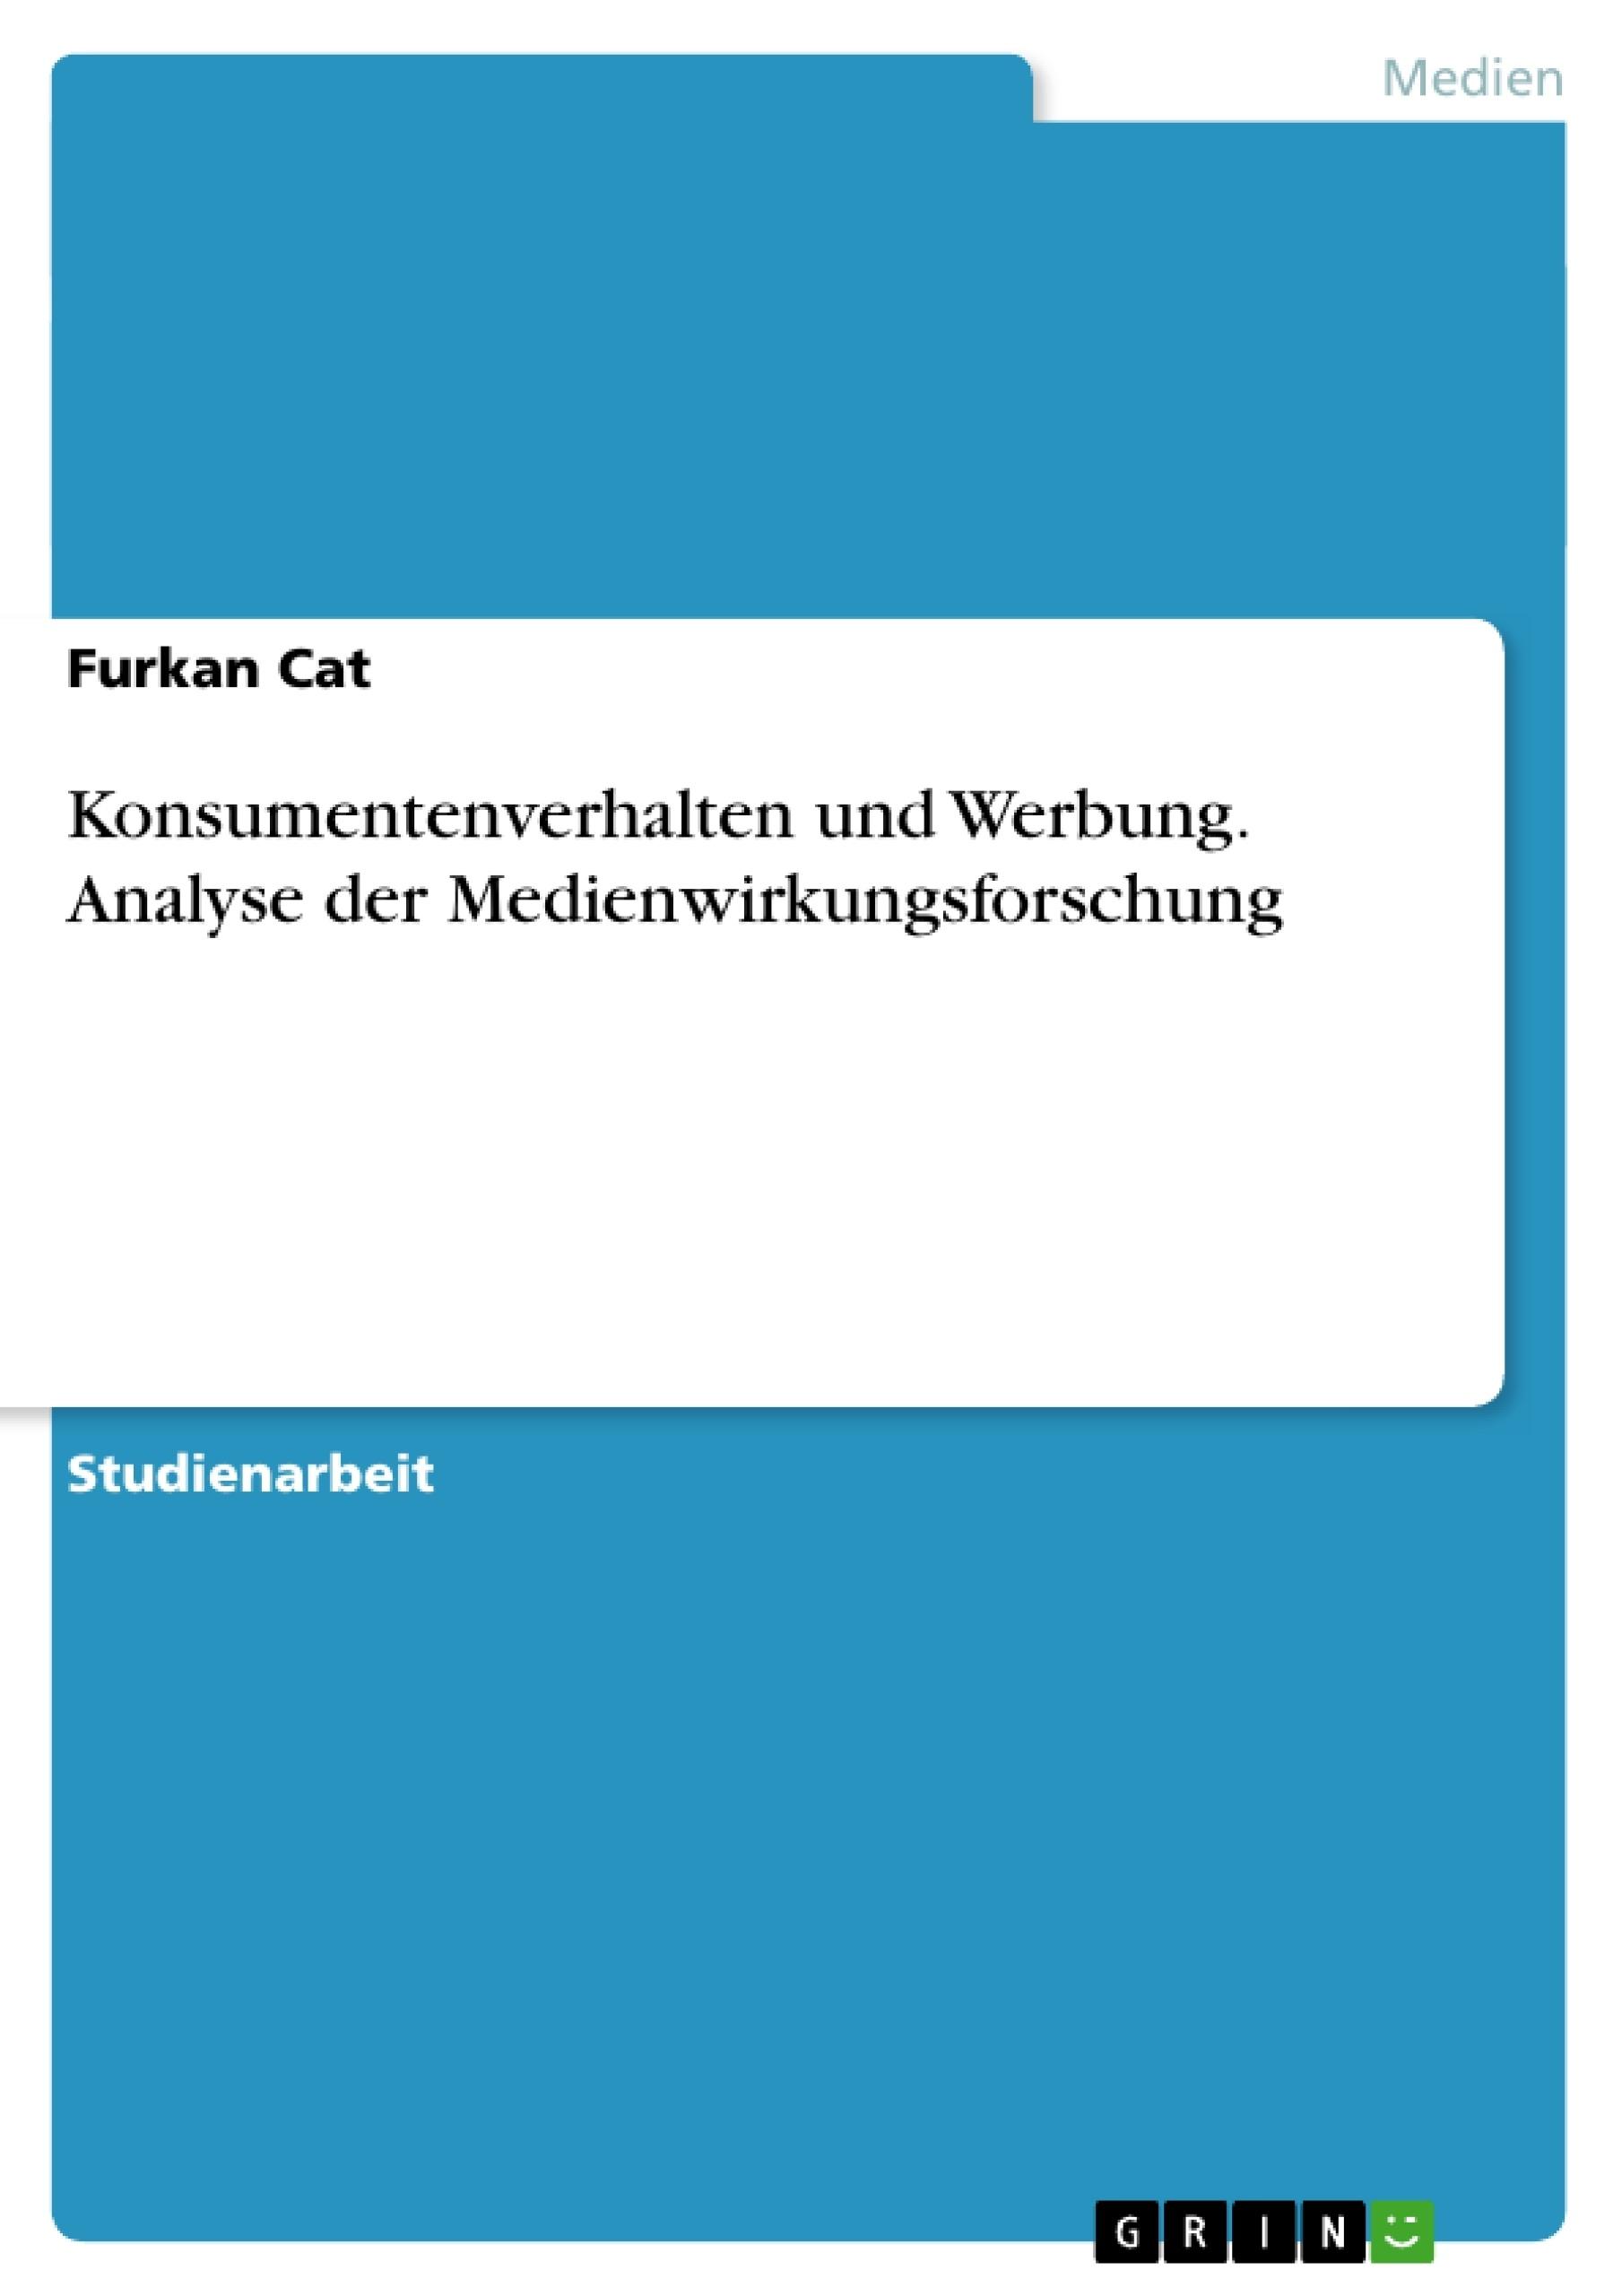 Titel: Konsumentenverhalten und Werbung. Analyse der Medienwirkungsforschung